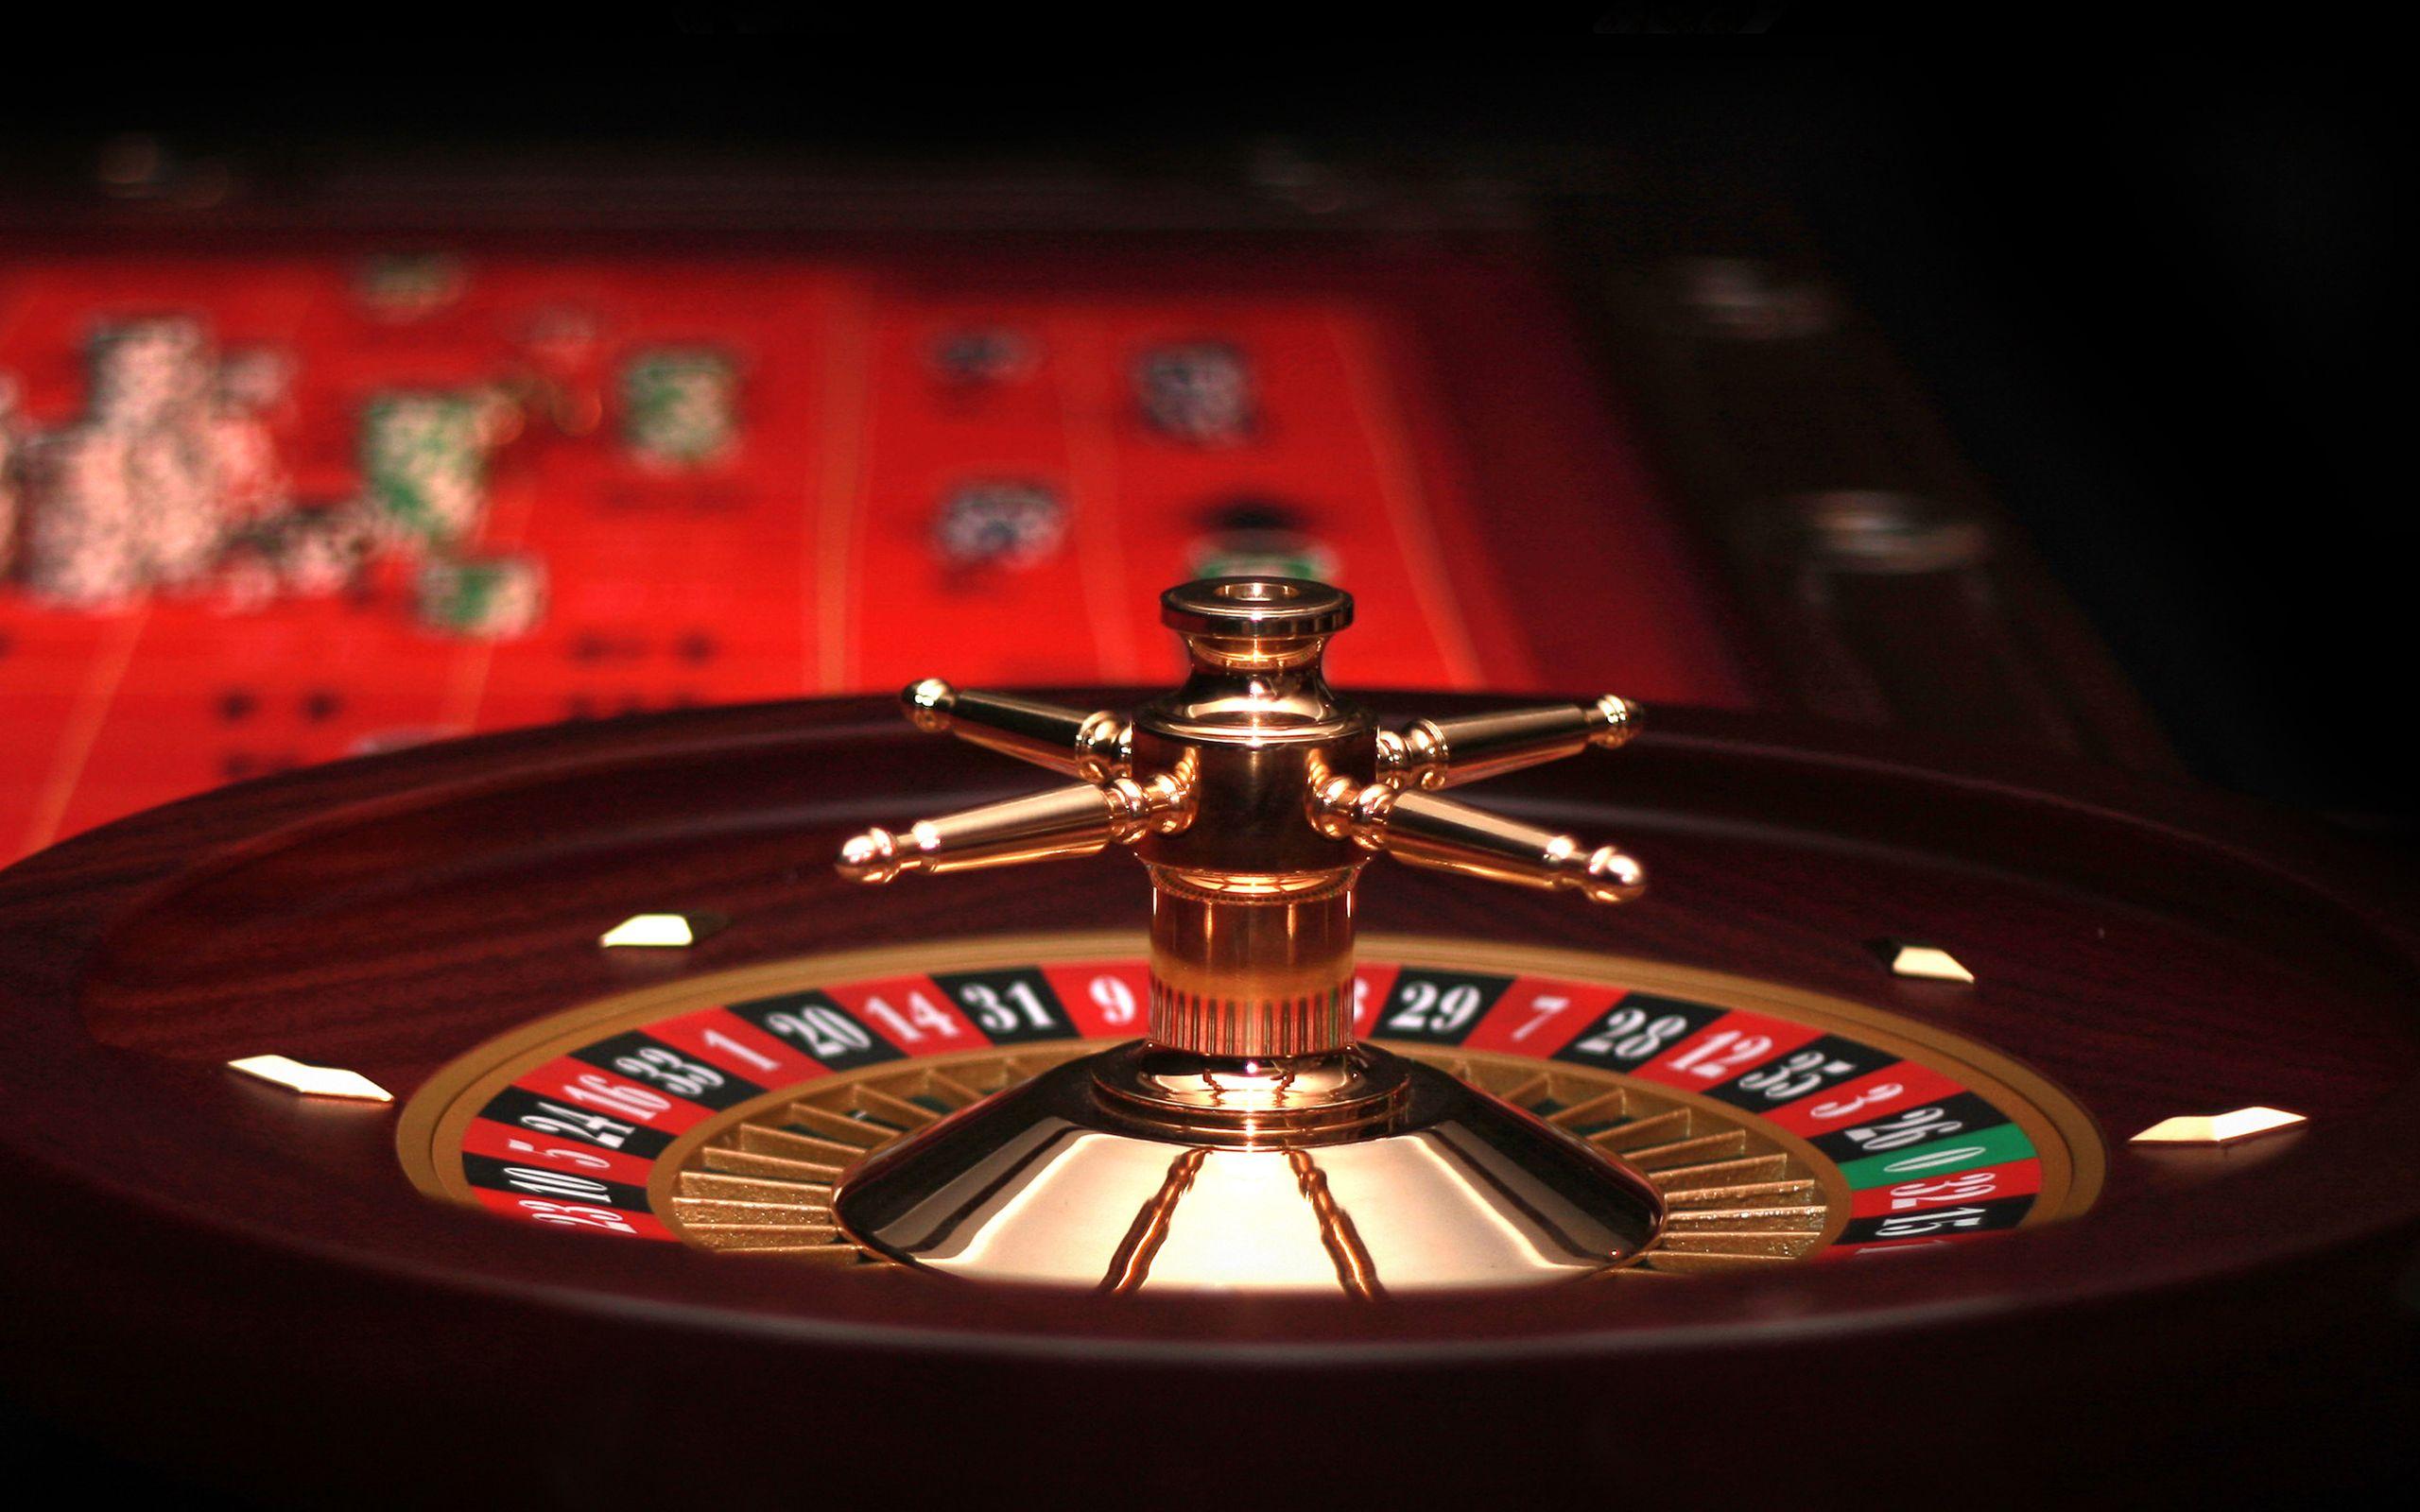 Игровые автоматы новинки 2011-2012 год американская рулетка видеочат онлайн бесплатно без регистрации